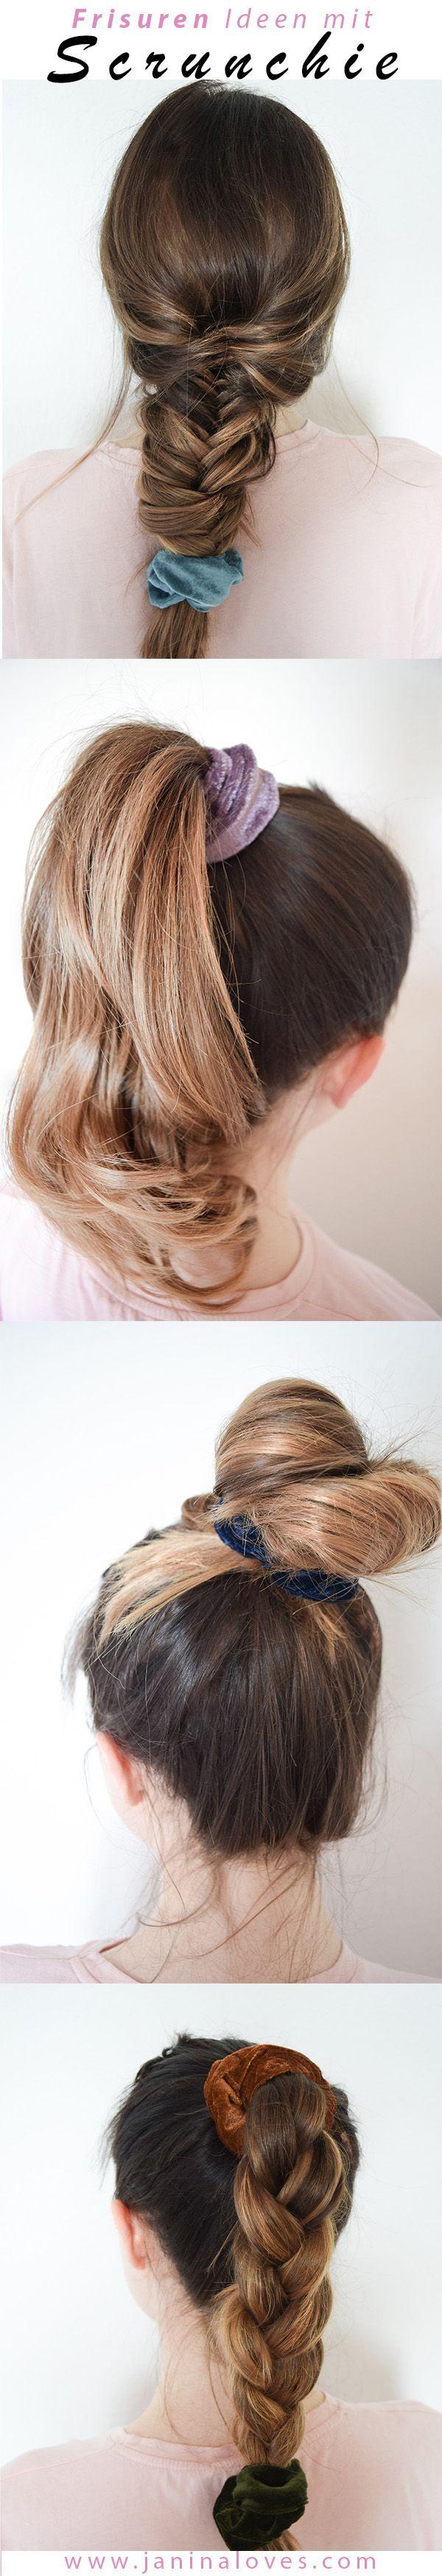 Scrunchie Haargummi 5 Arten Den Trend Der 90er Zu Stylen Haargummi Scrunchie Frisuren Haar Styling